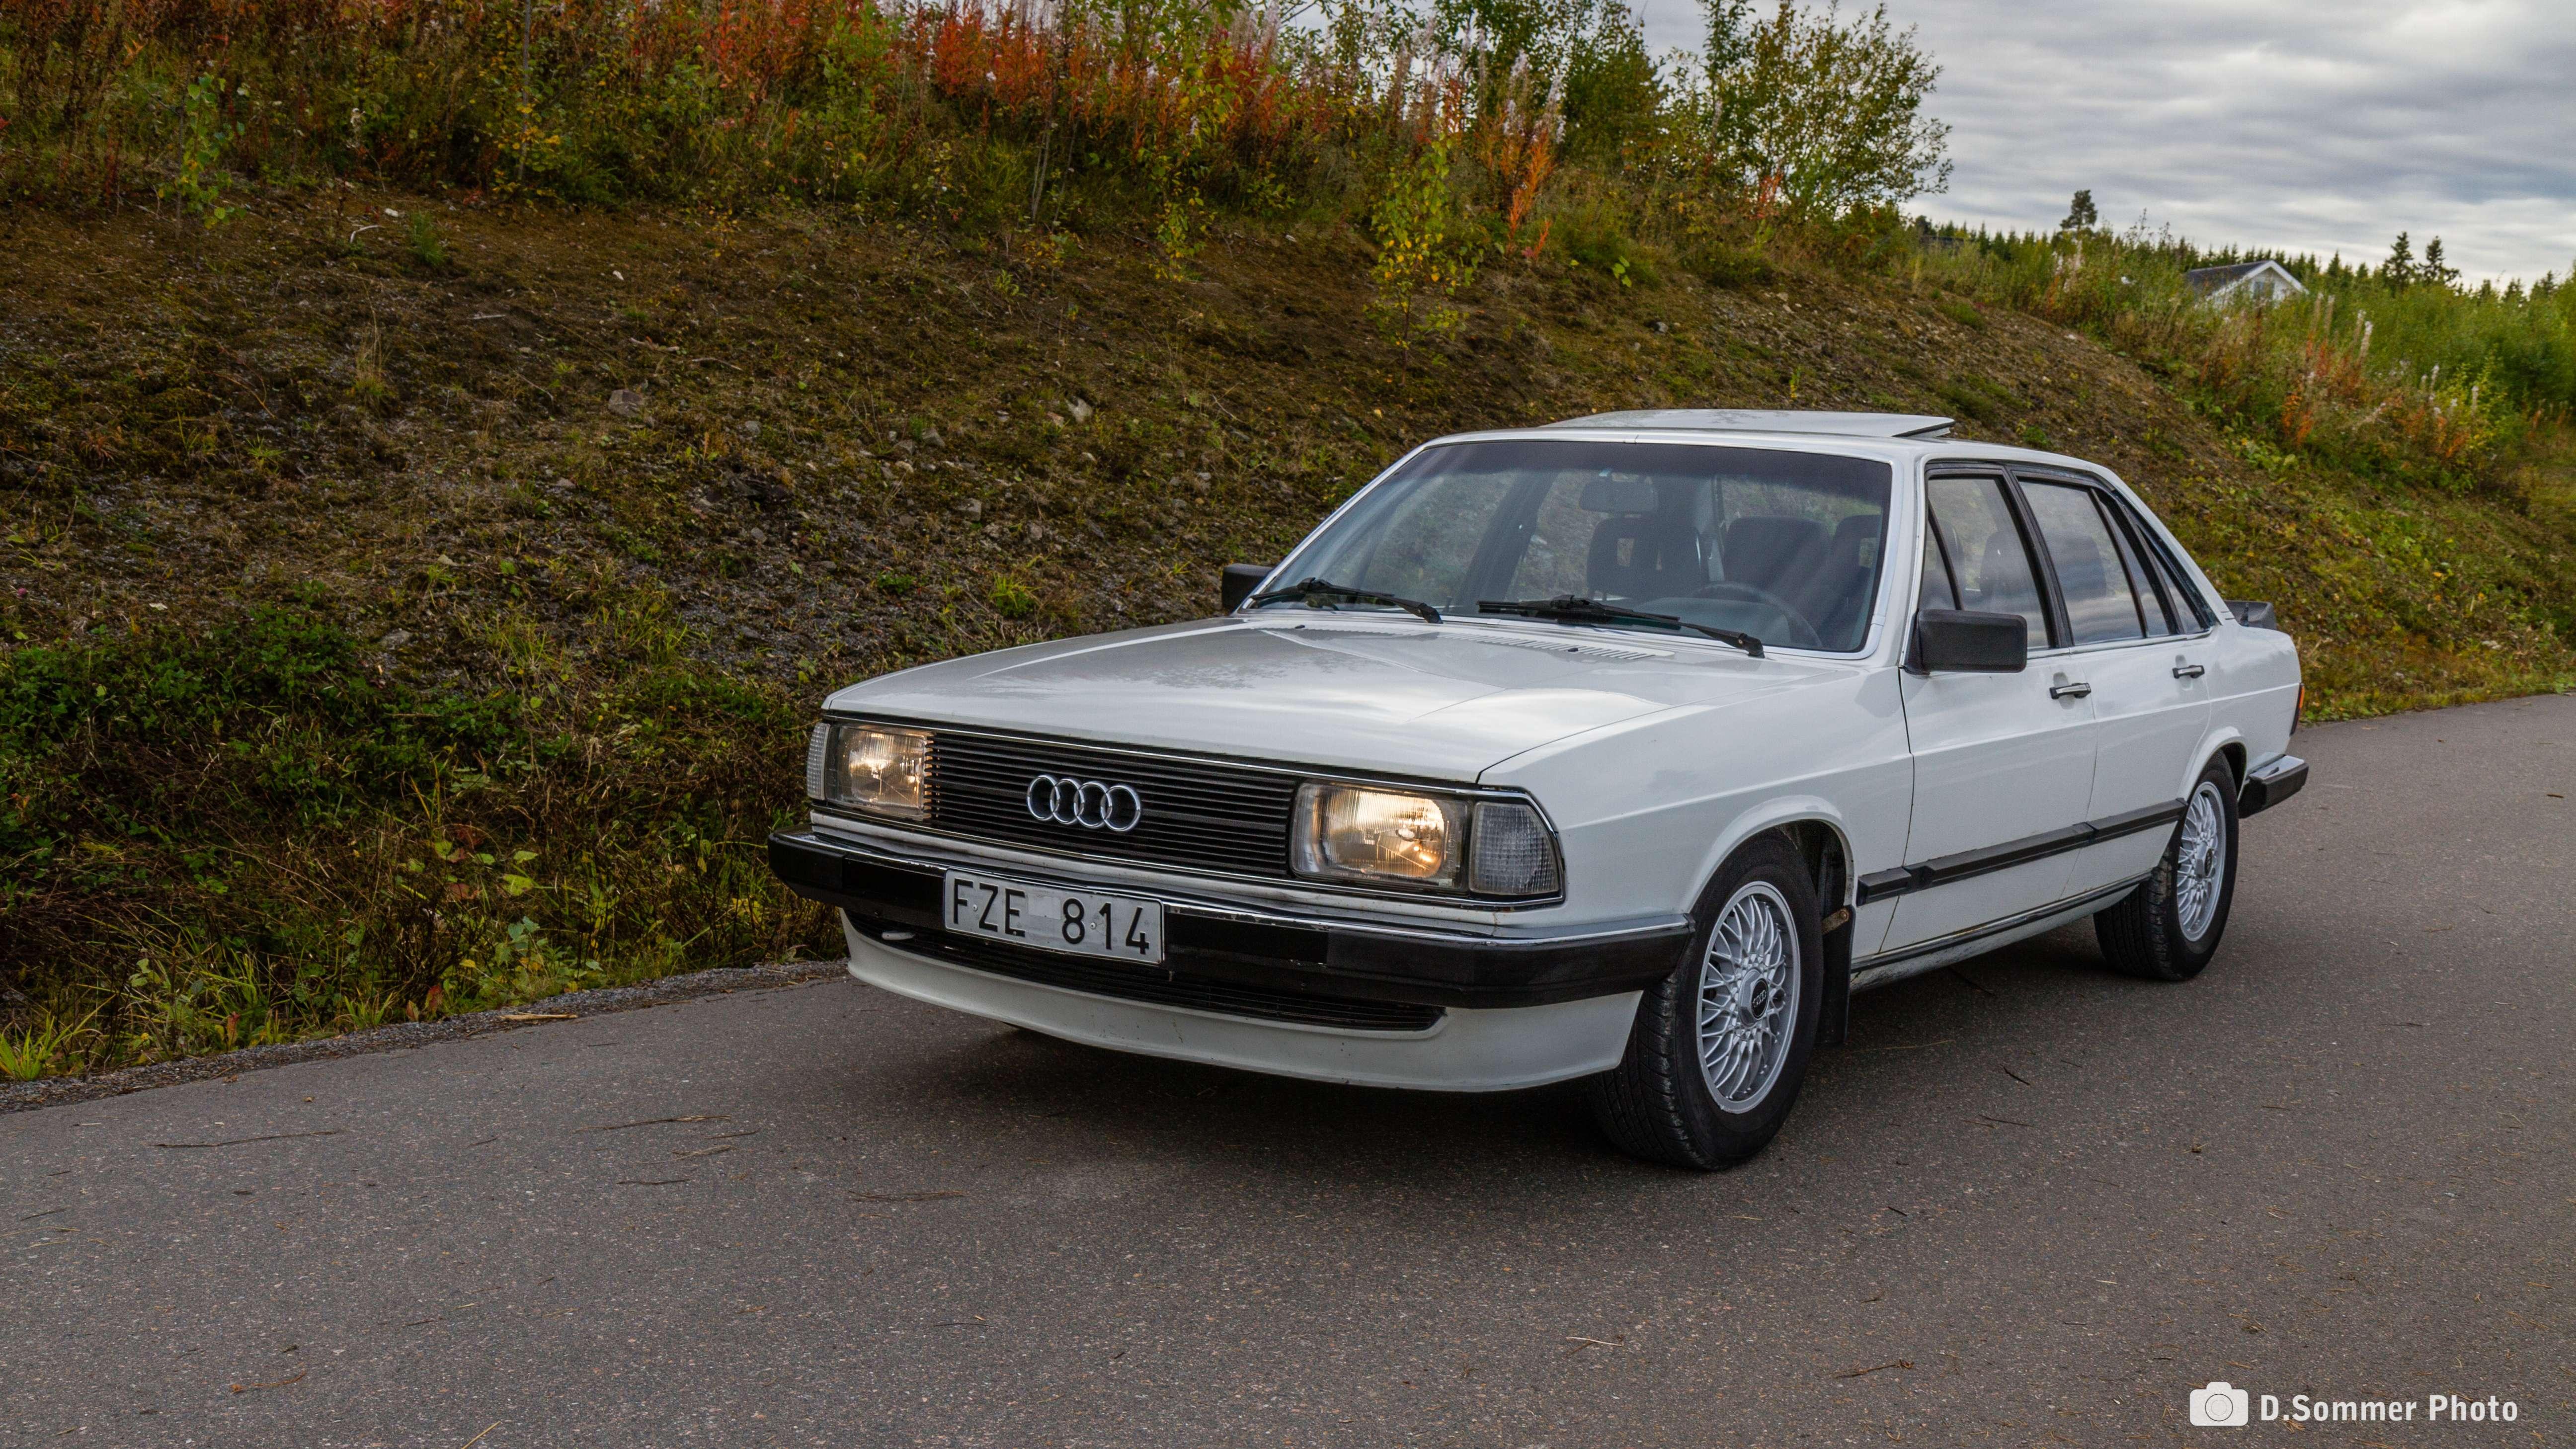 Kelebihan Kekurangan Audi C2 Top Model Tahun Ini